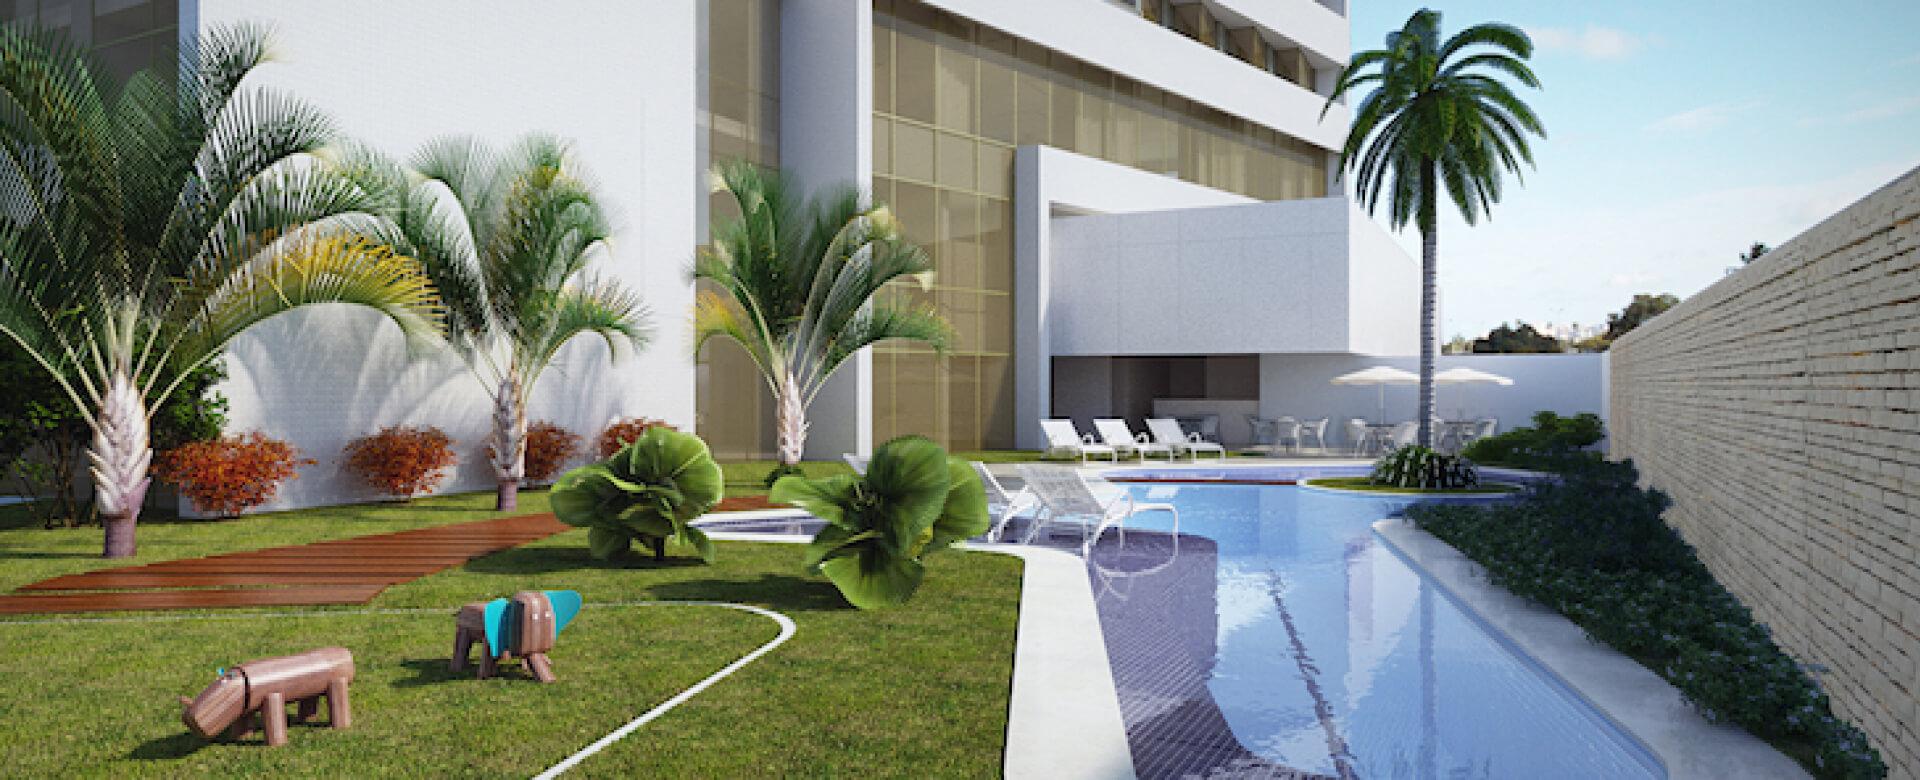 Edifício Jayme Figueiredo, foto 1